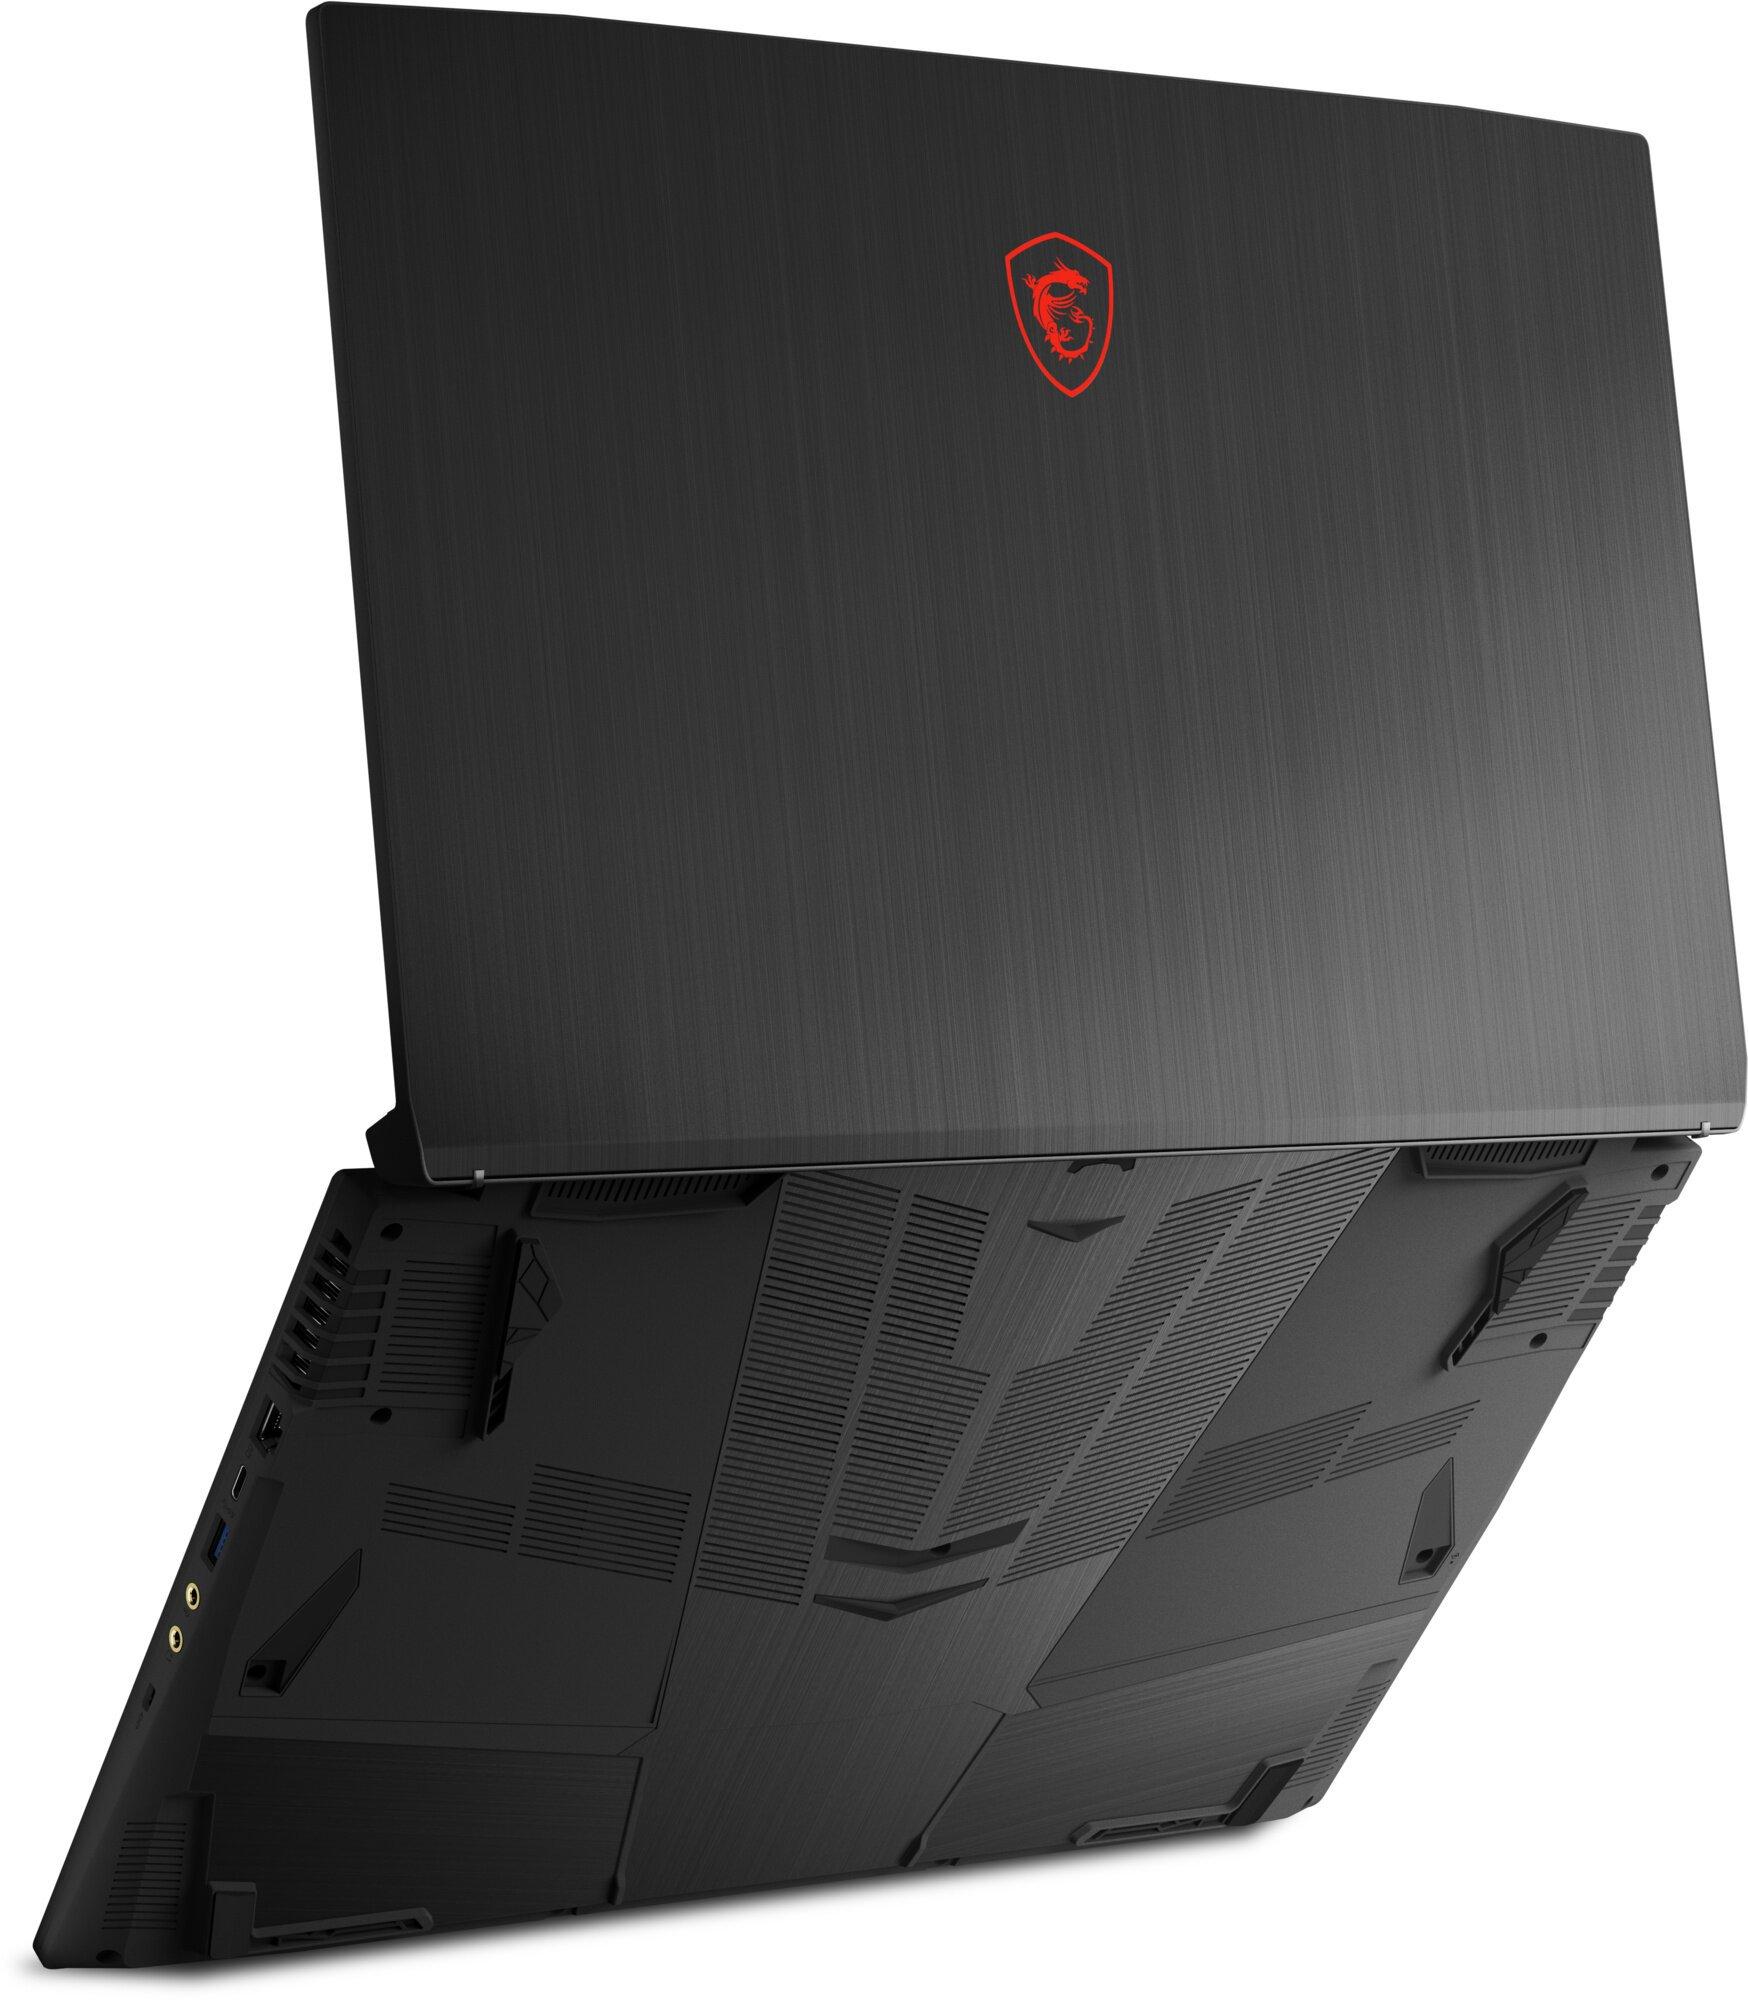 MSI GF75 Thin 9SC-072NL